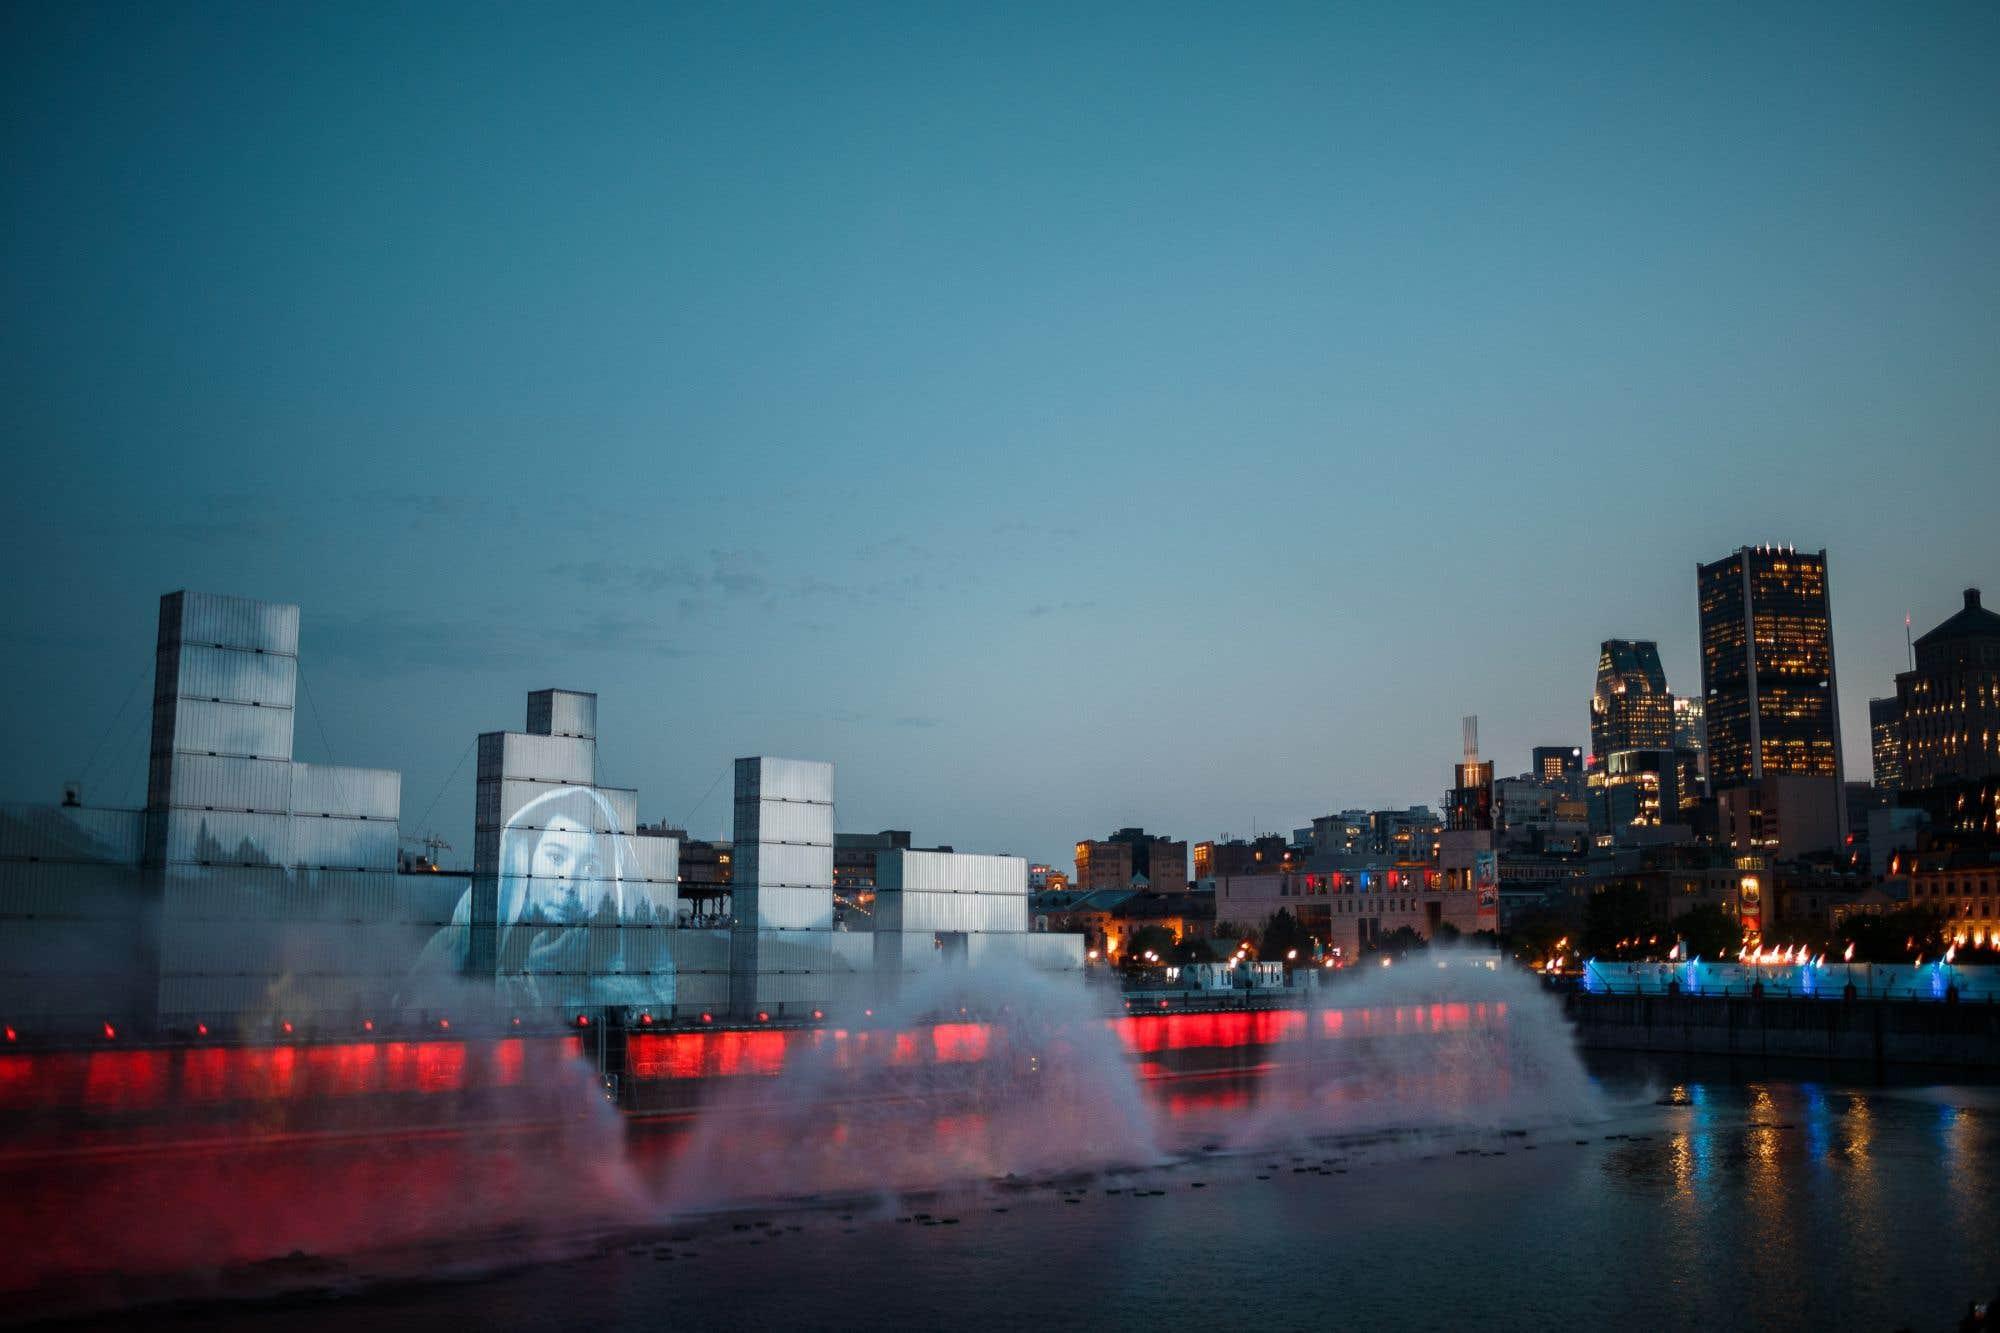 «Montréal Avudo», un spectacle multimédia, a été lancé mercredi soir, plongeant les spectateurs dans le rêve d'un enfant pour raconter l'histoire de la métropole à travers son fleuve.